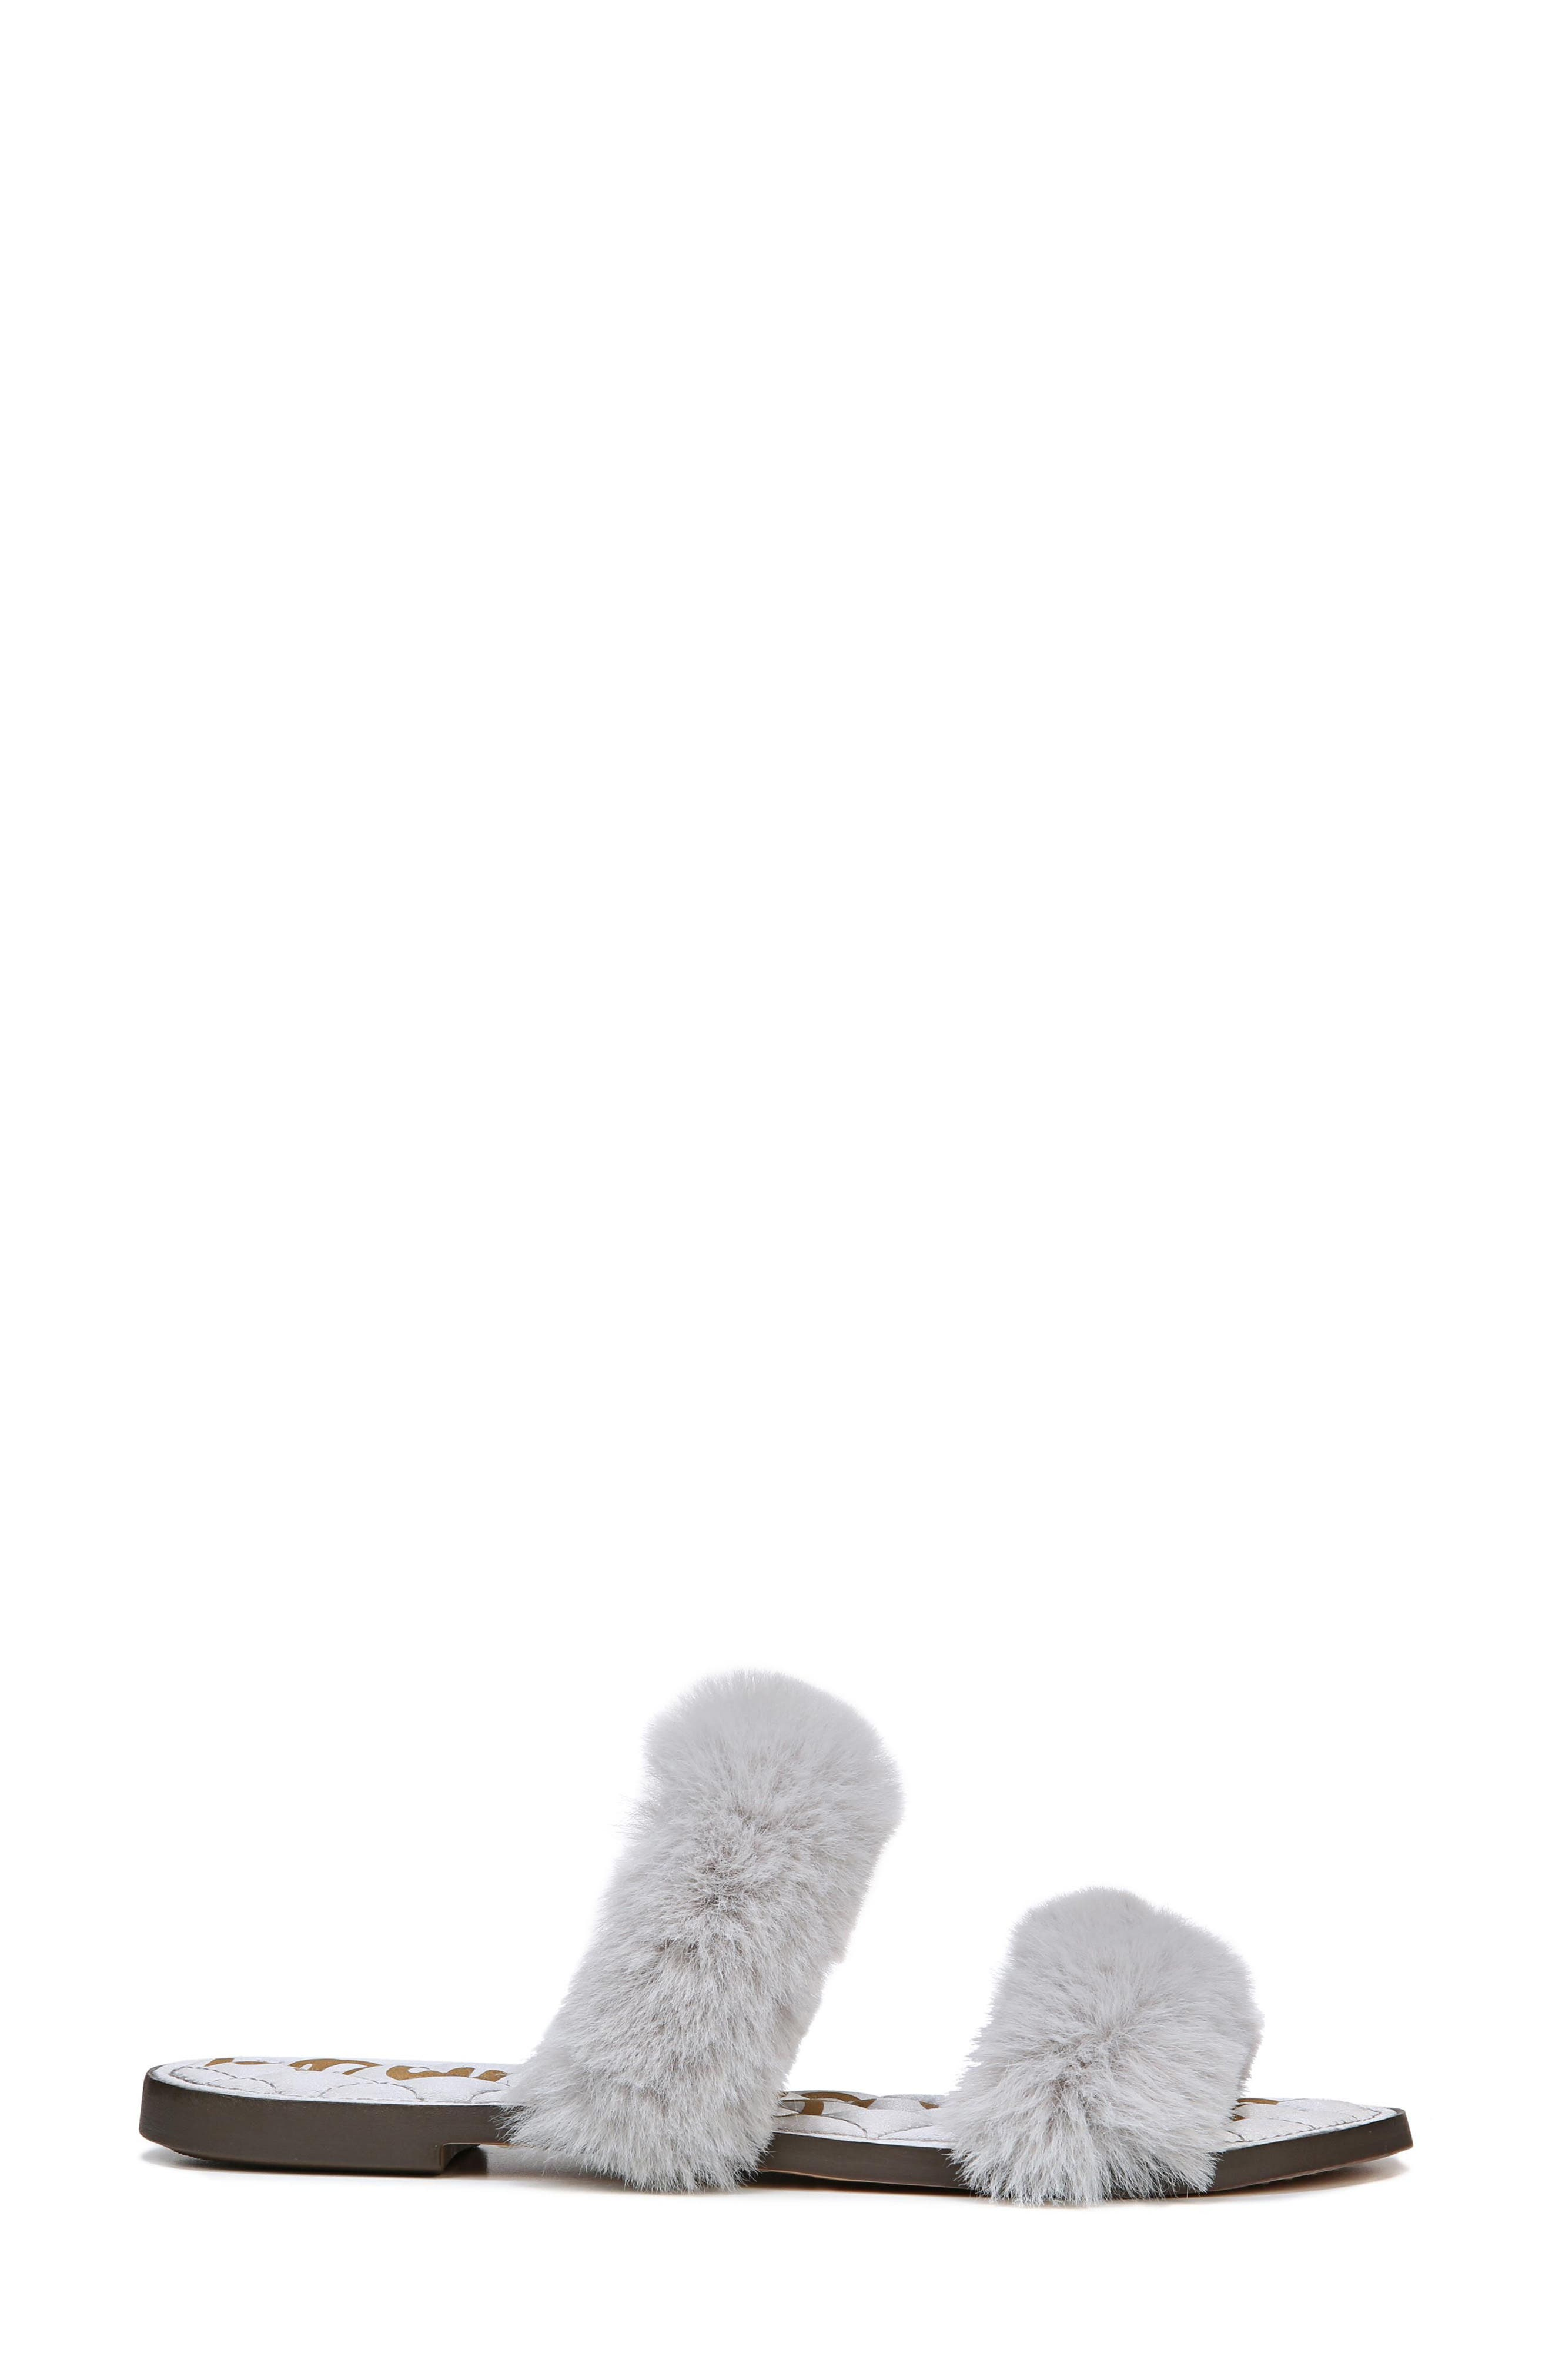 Griselda Faux Fur Slide Sandal,                             Alternate thumbnail 3, color,                             Light Grey Faux Fur